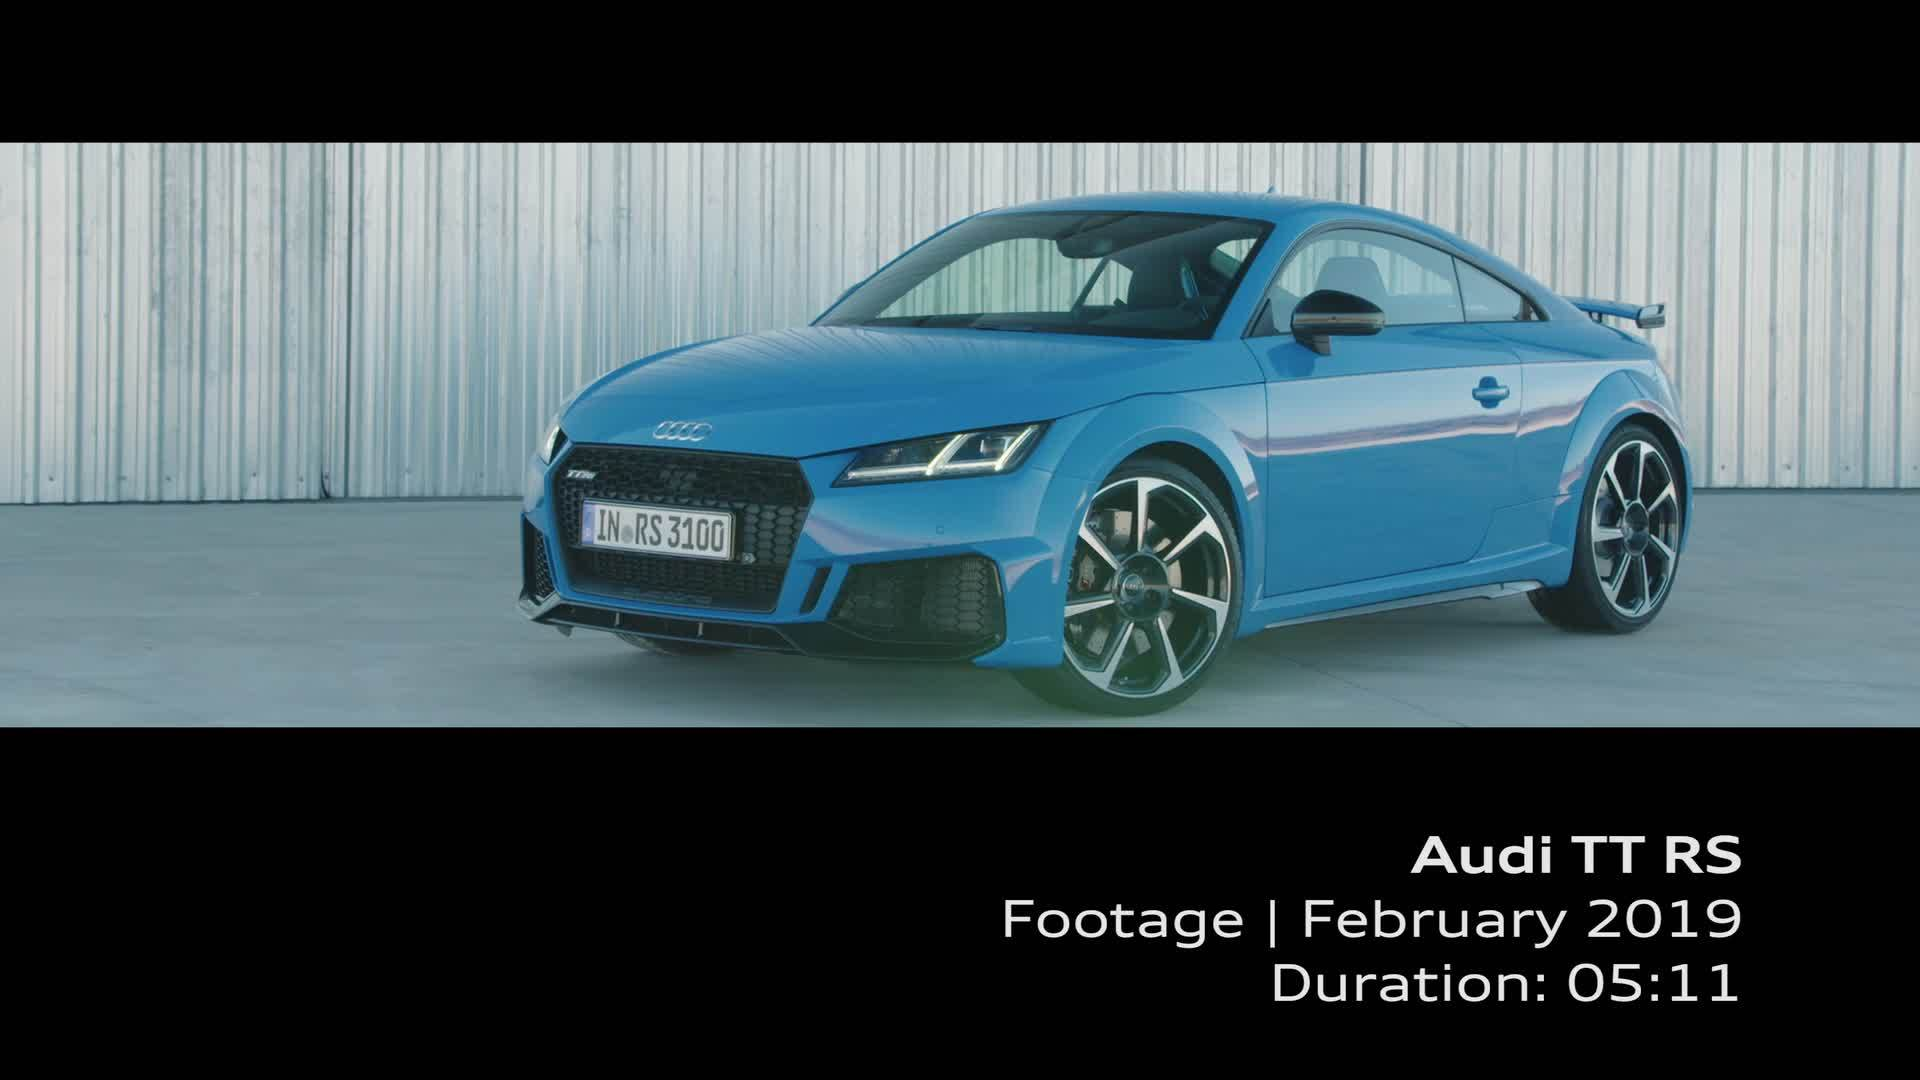 Audi TT RS (Footage)